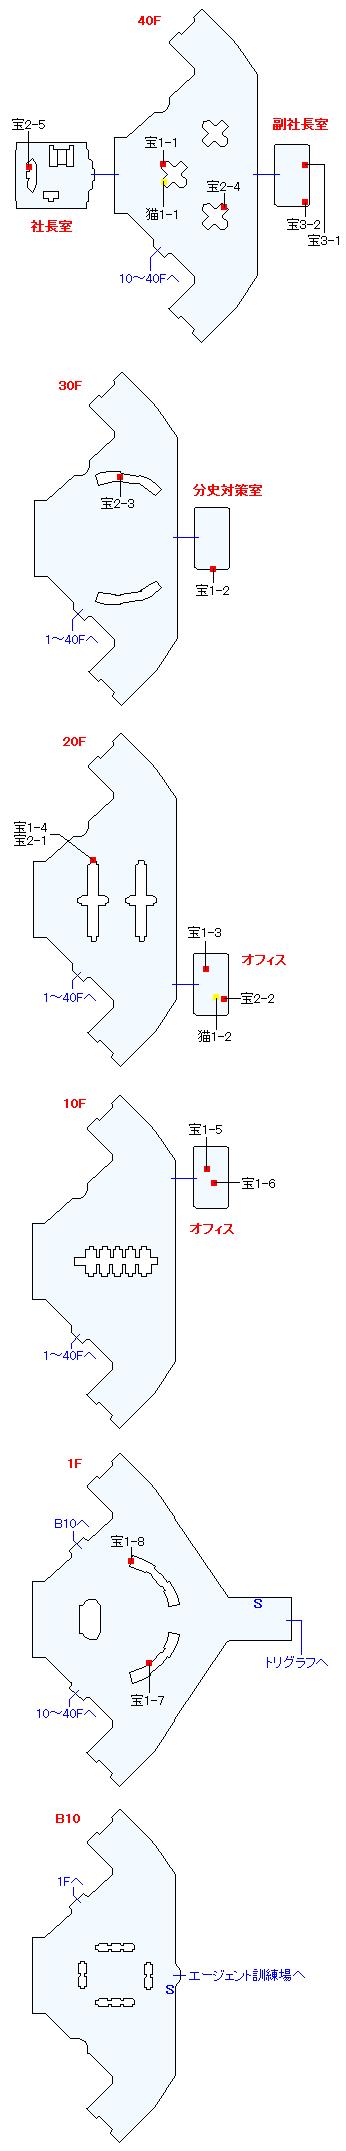 クランスピア社(正史世界)マップ画像(2)